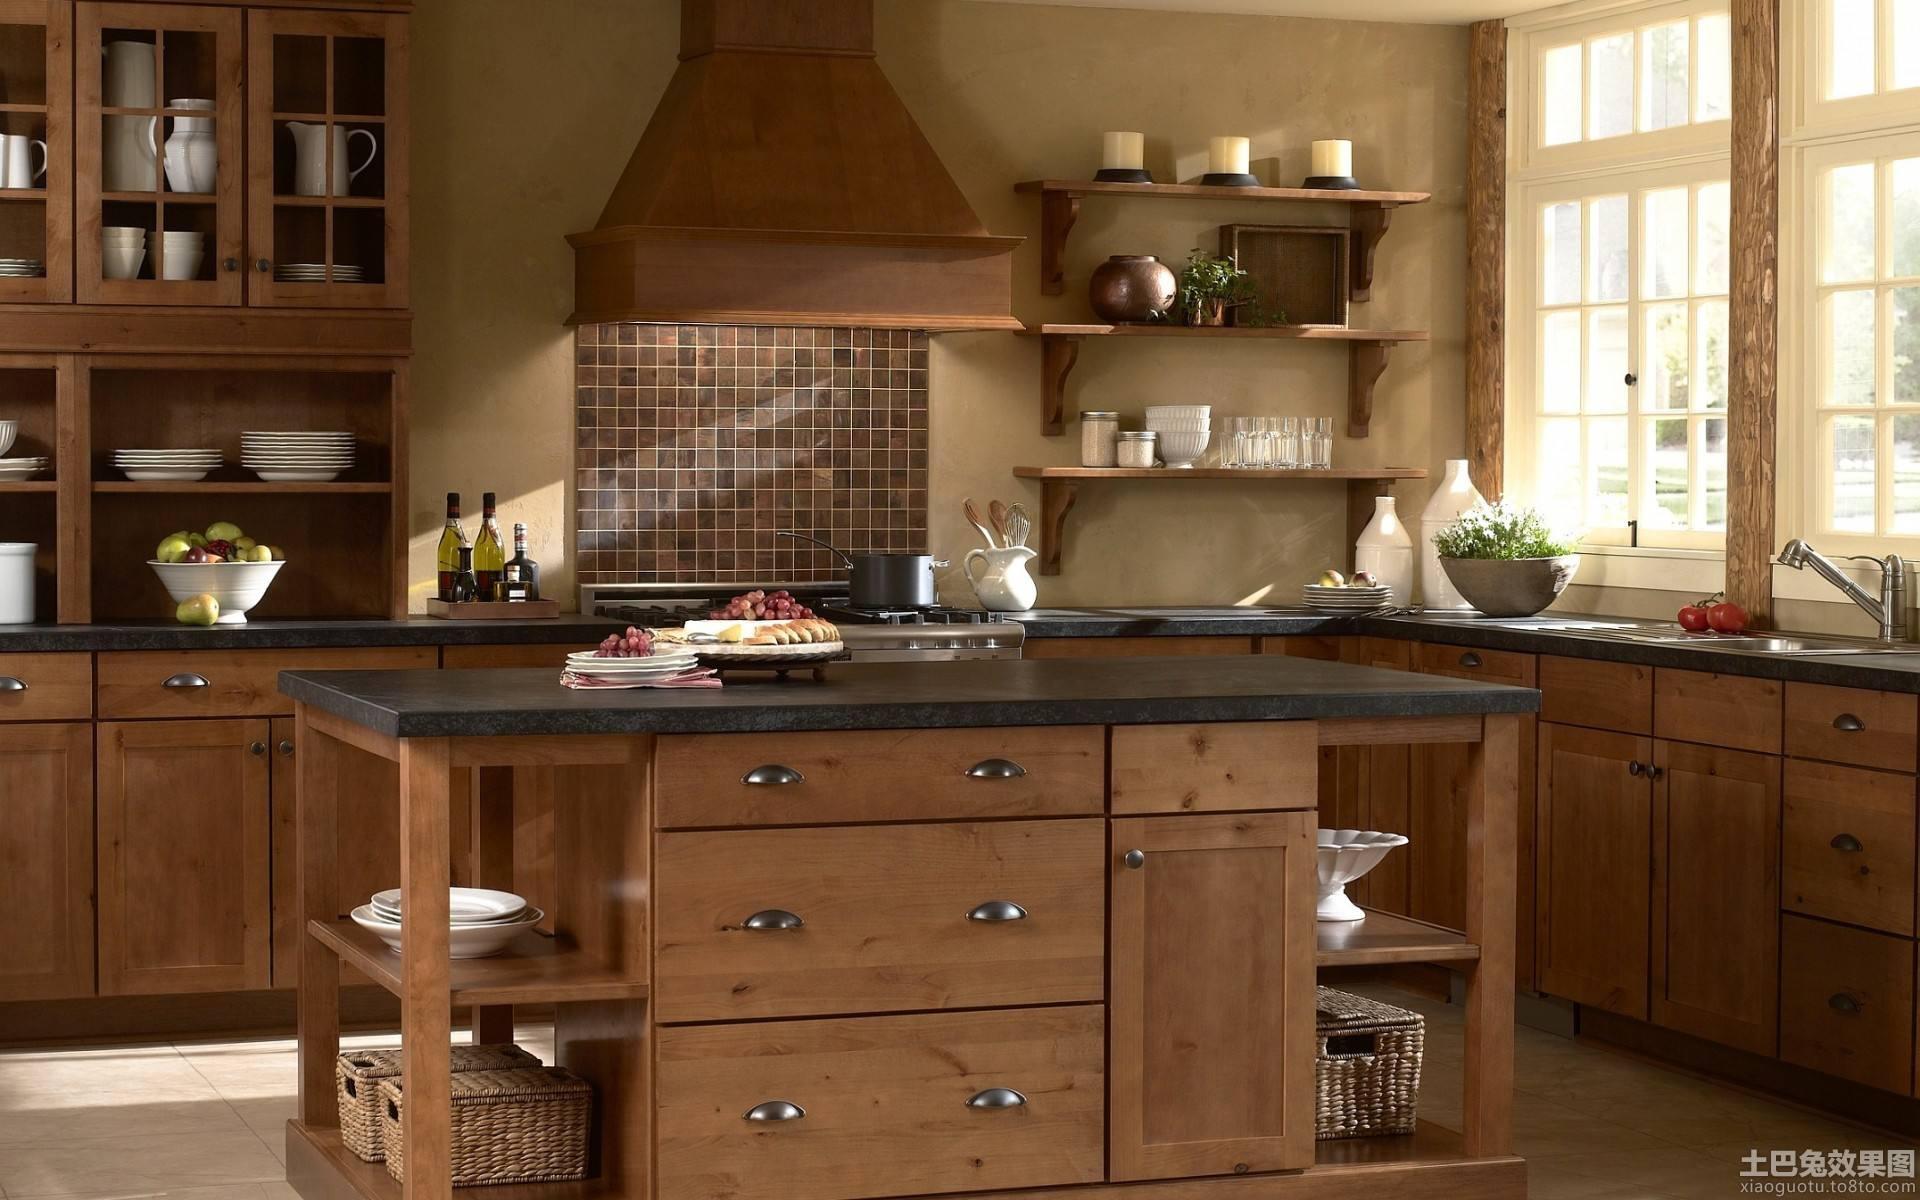 复古欧式厨房实木橱柜效果图 (5/8)图片